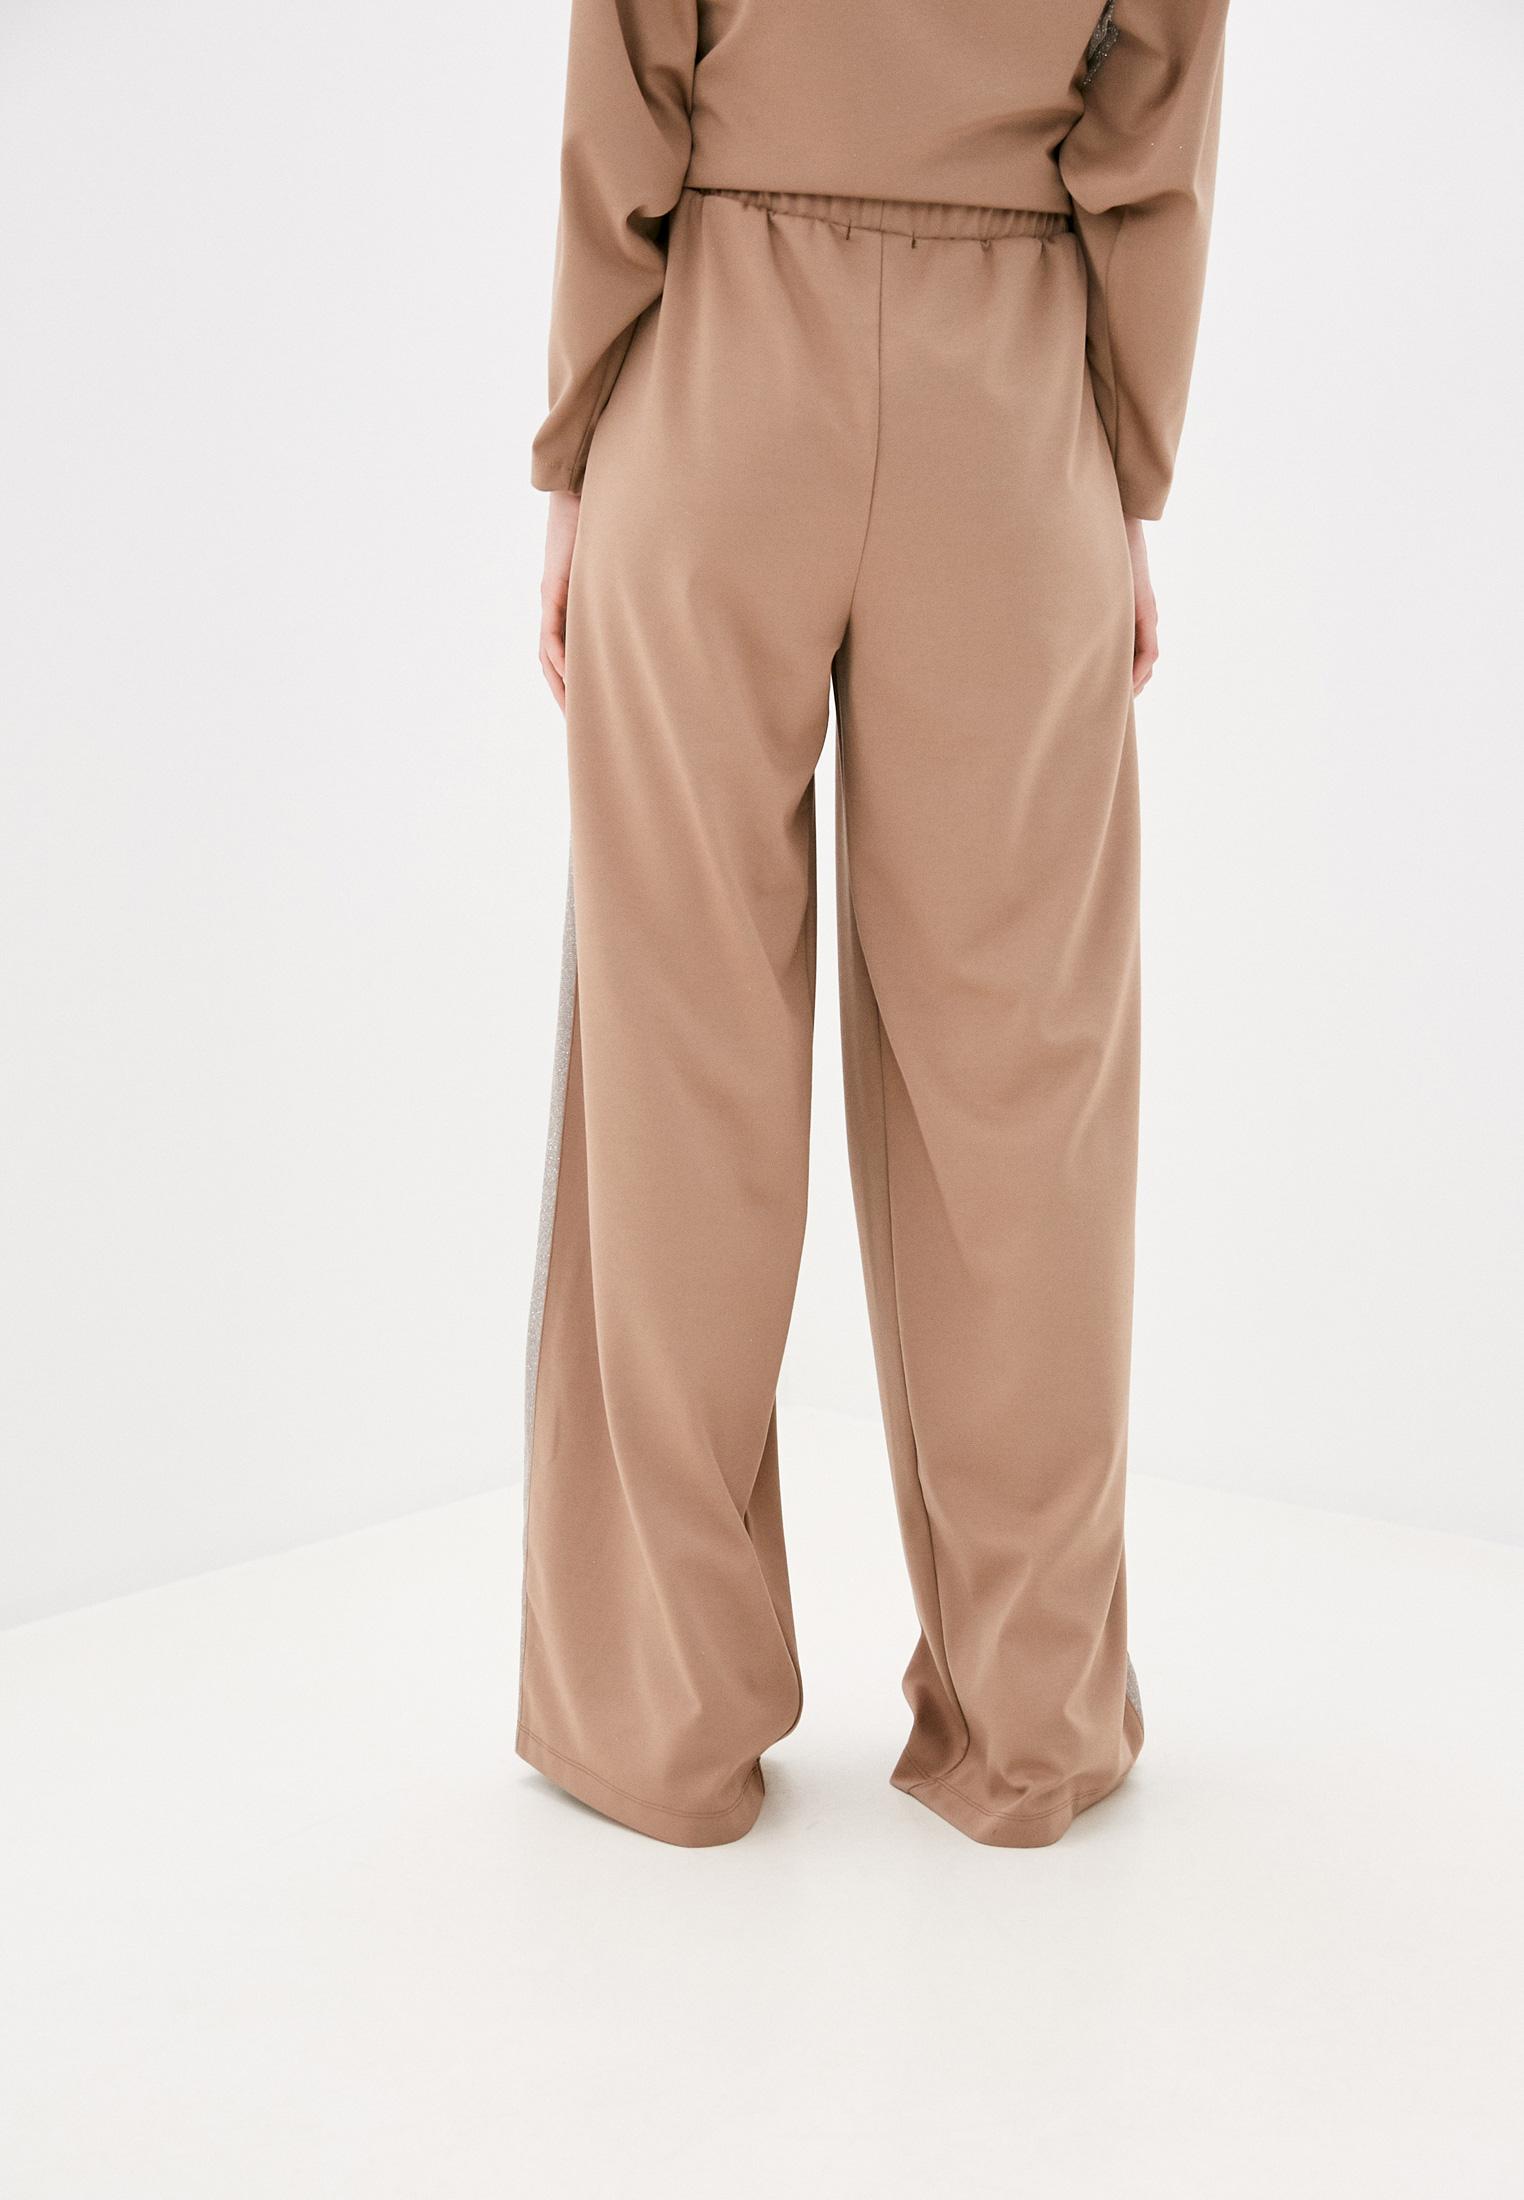 Женские широкие и расклешенные брюки Nataliy Beate Брюки мод 509 а: изображение 3